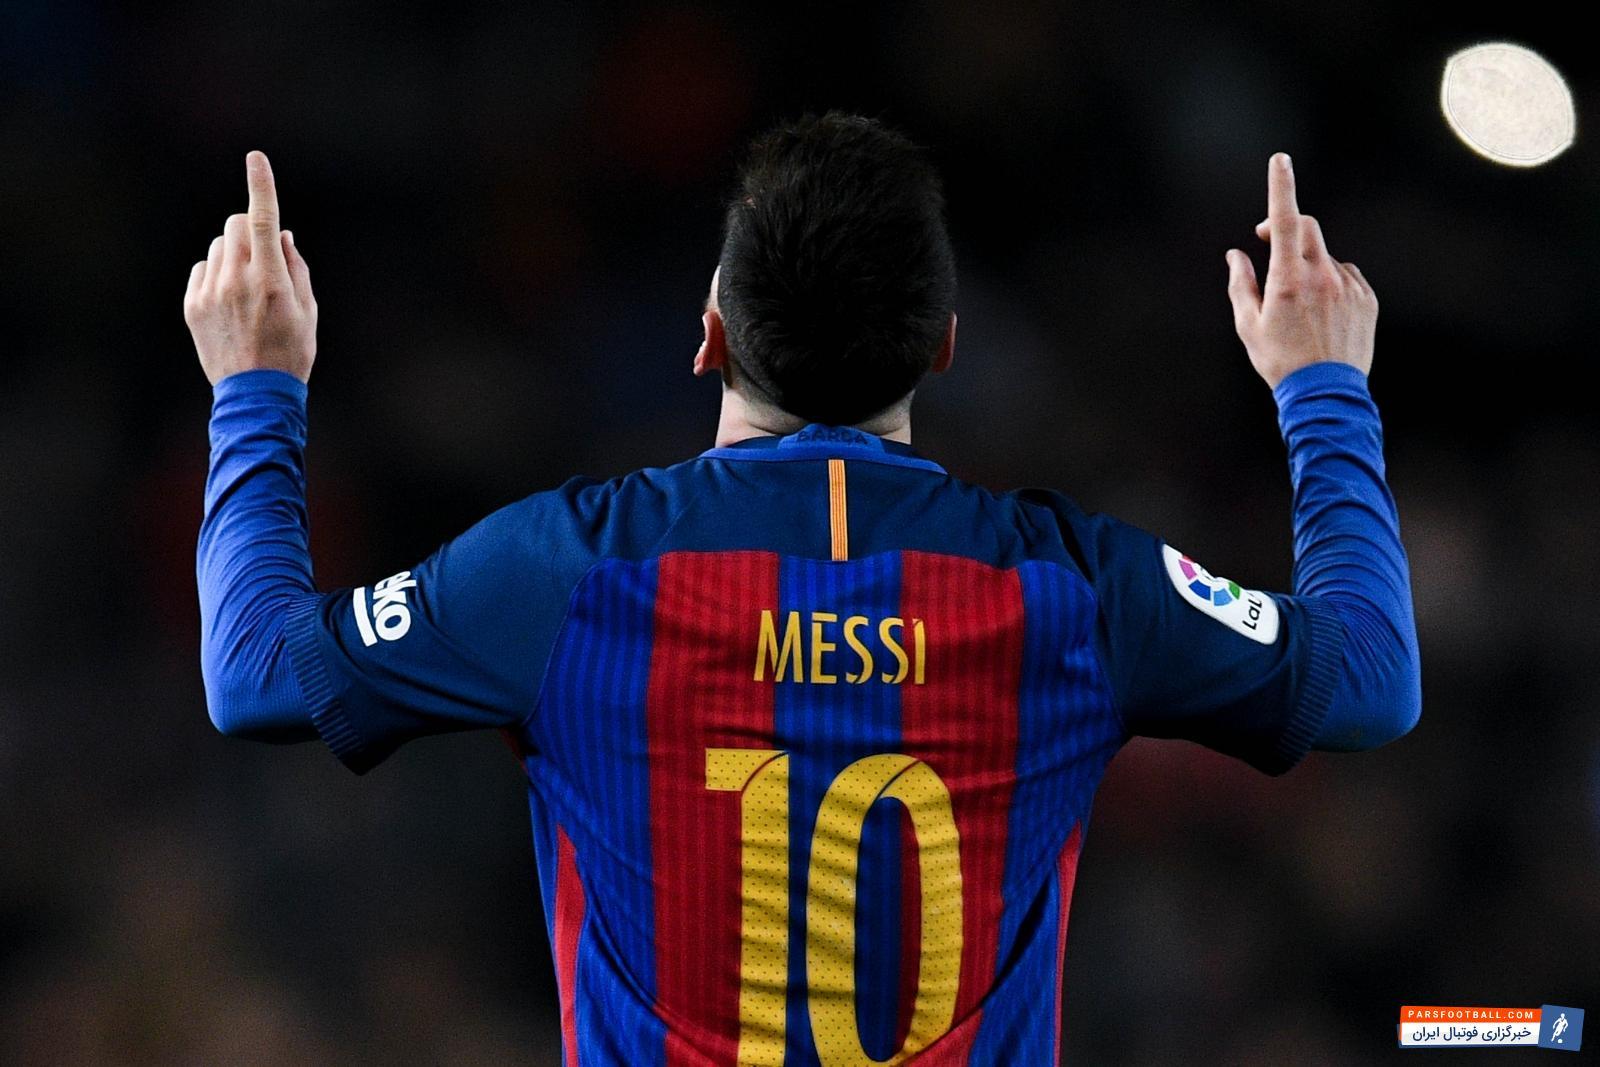 مسی ستاره بارسلونا و ناامیدی سیتیزن ها از همکاری دوباره پپ و مسی ؛ پارس فوتبال